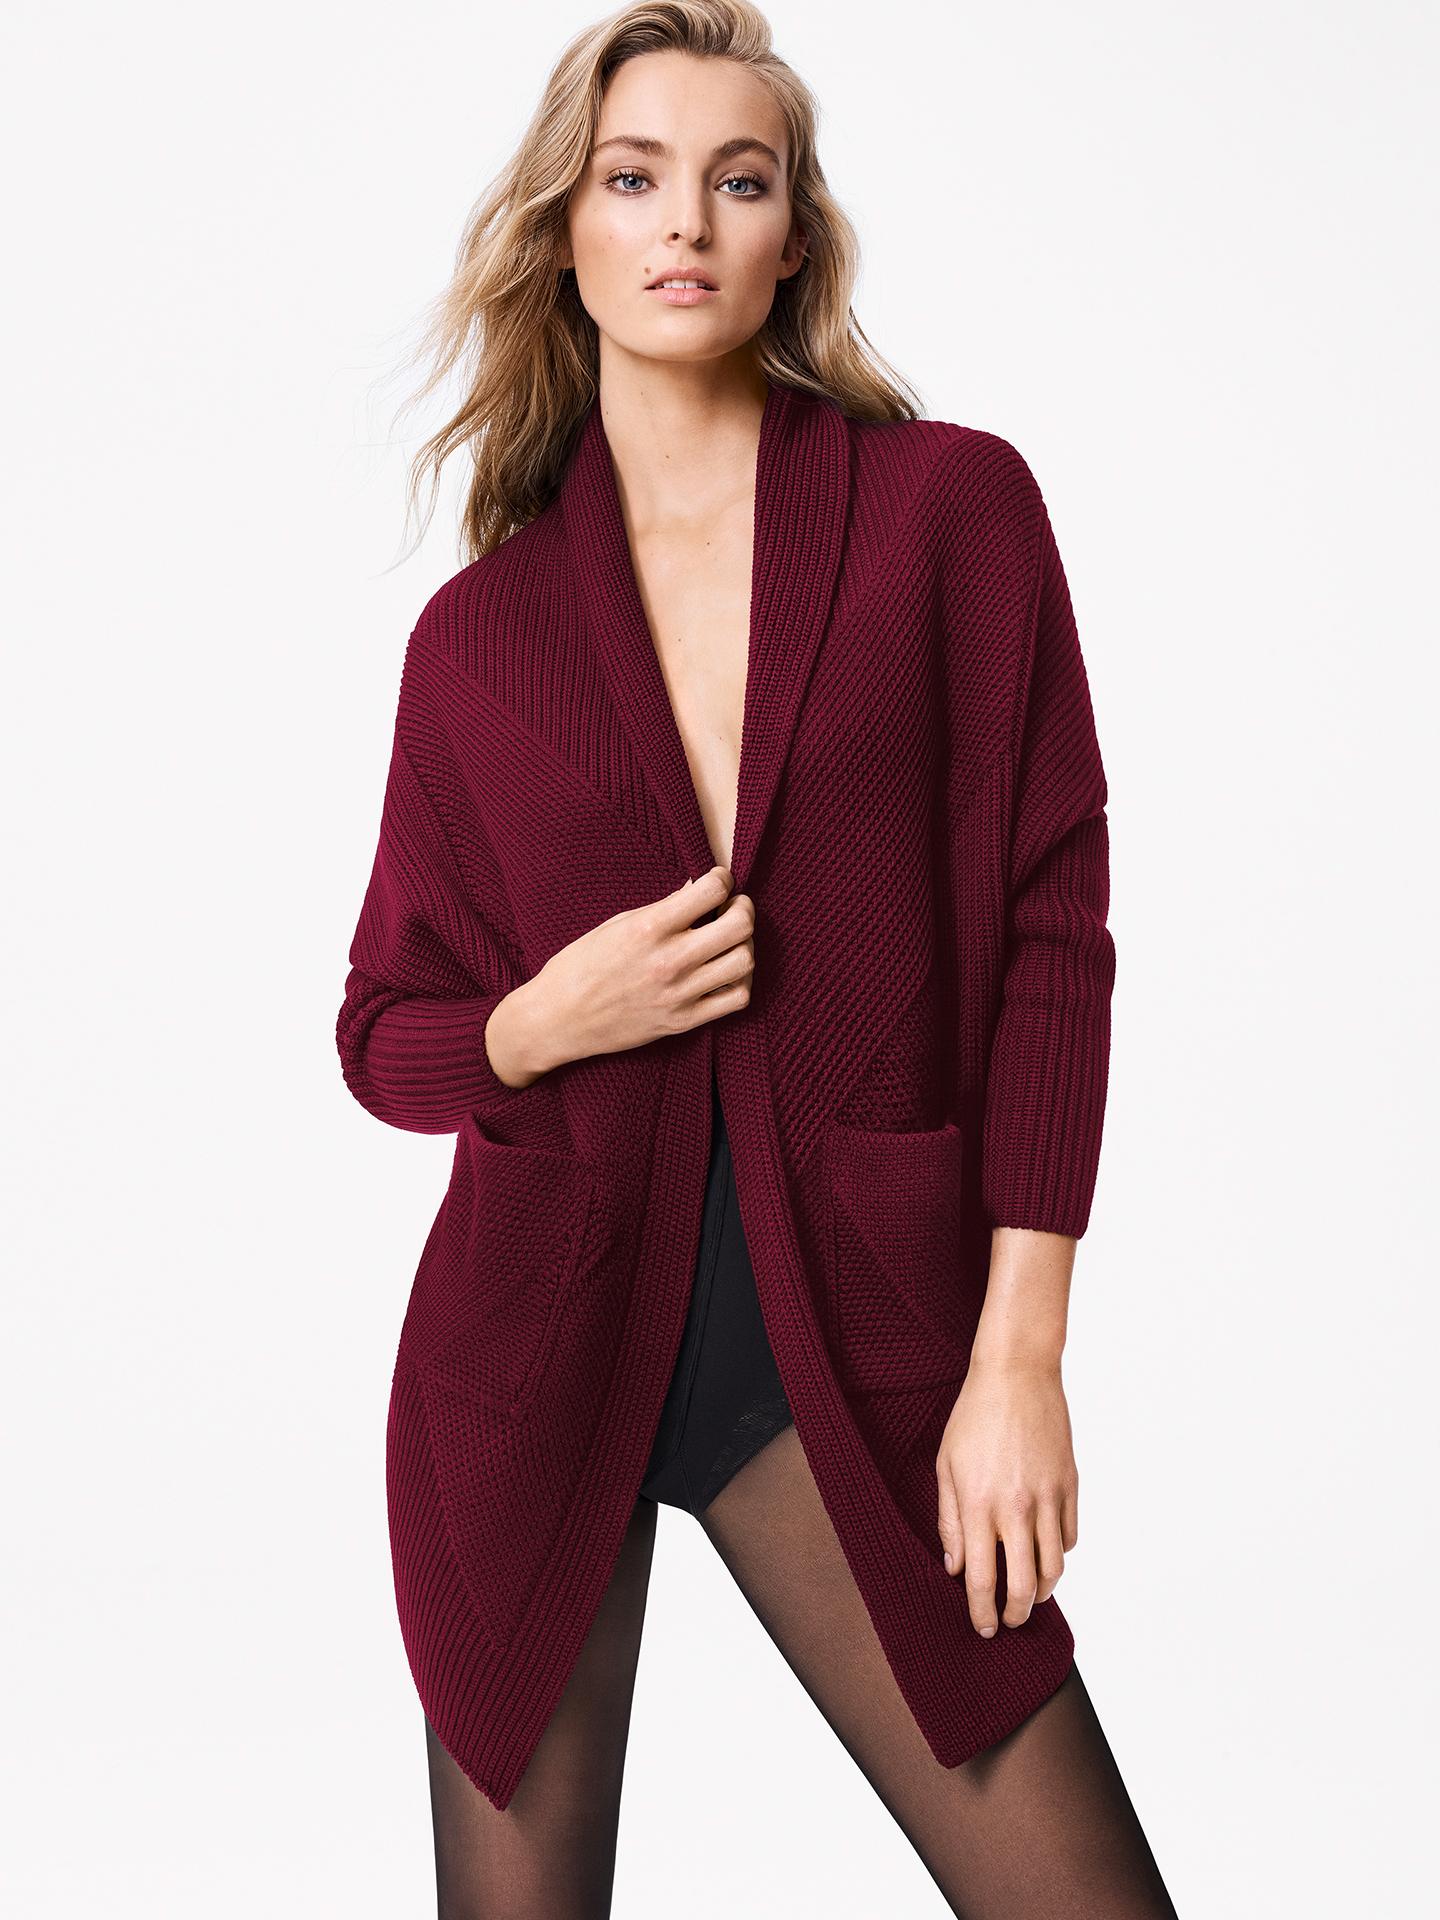 Jacken für Frauen - Mathilda Cardigan 3094 M L  - Onlineshop Wolford